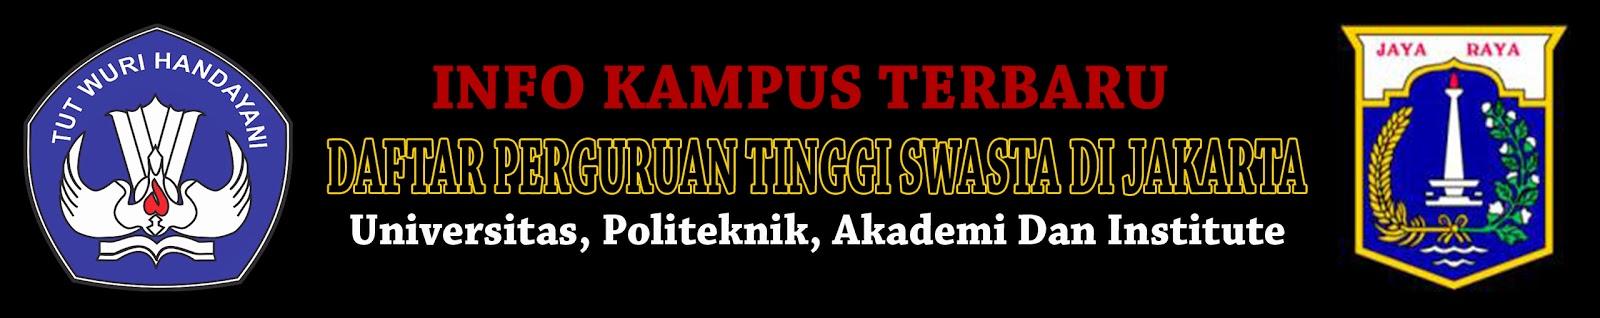 Daftar Perguruan Tinggi Swasta Di DKI Jakarta